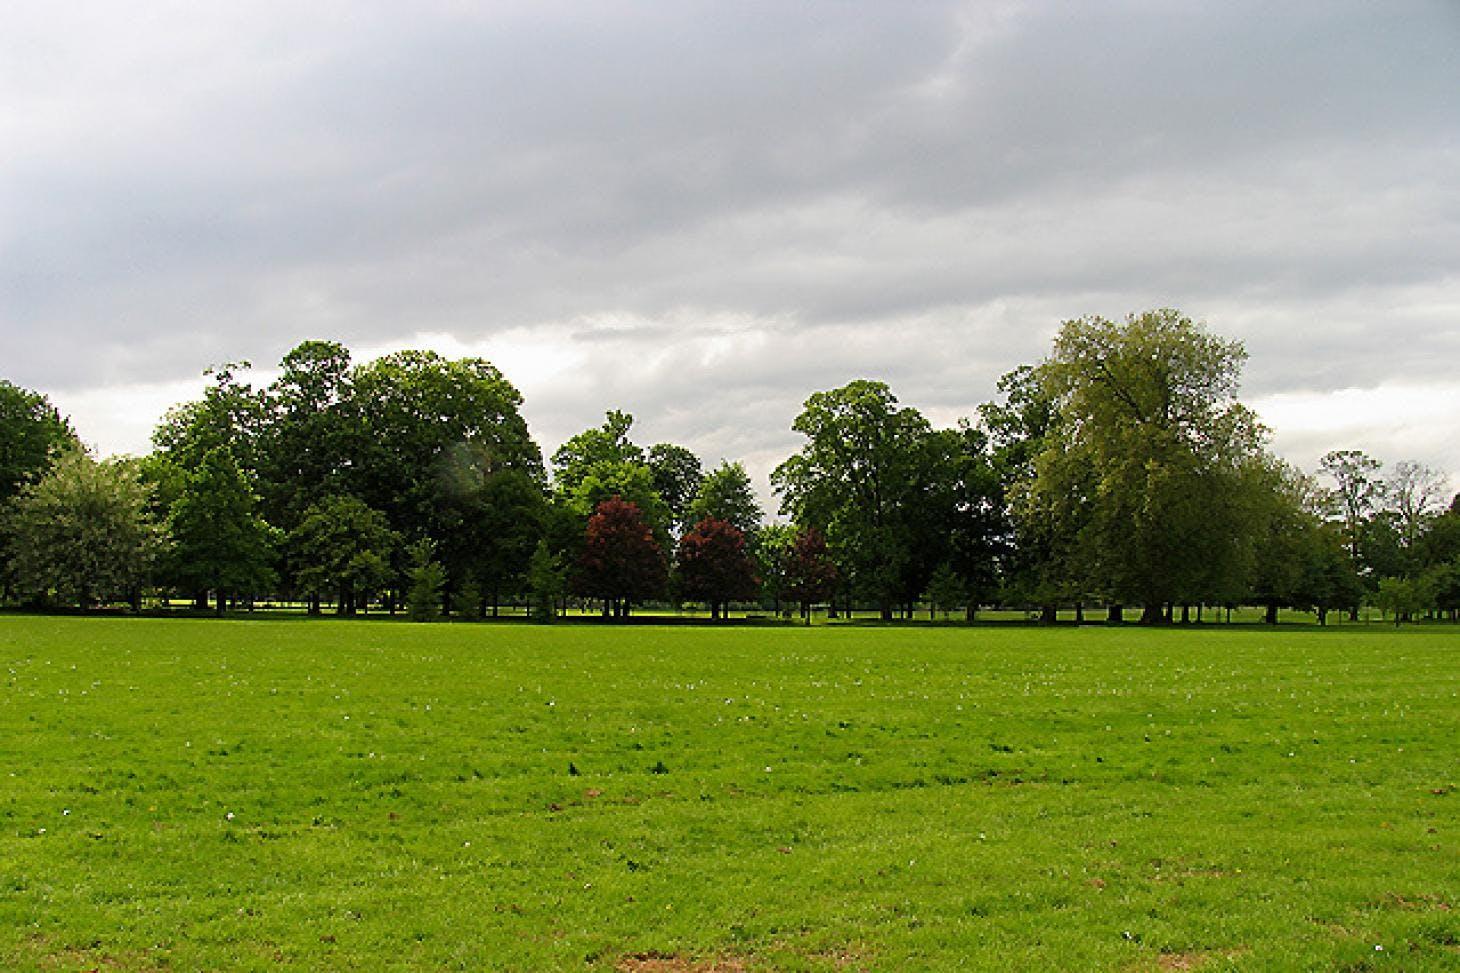 Gunnersbury Park 11 a side | Grass football pitch